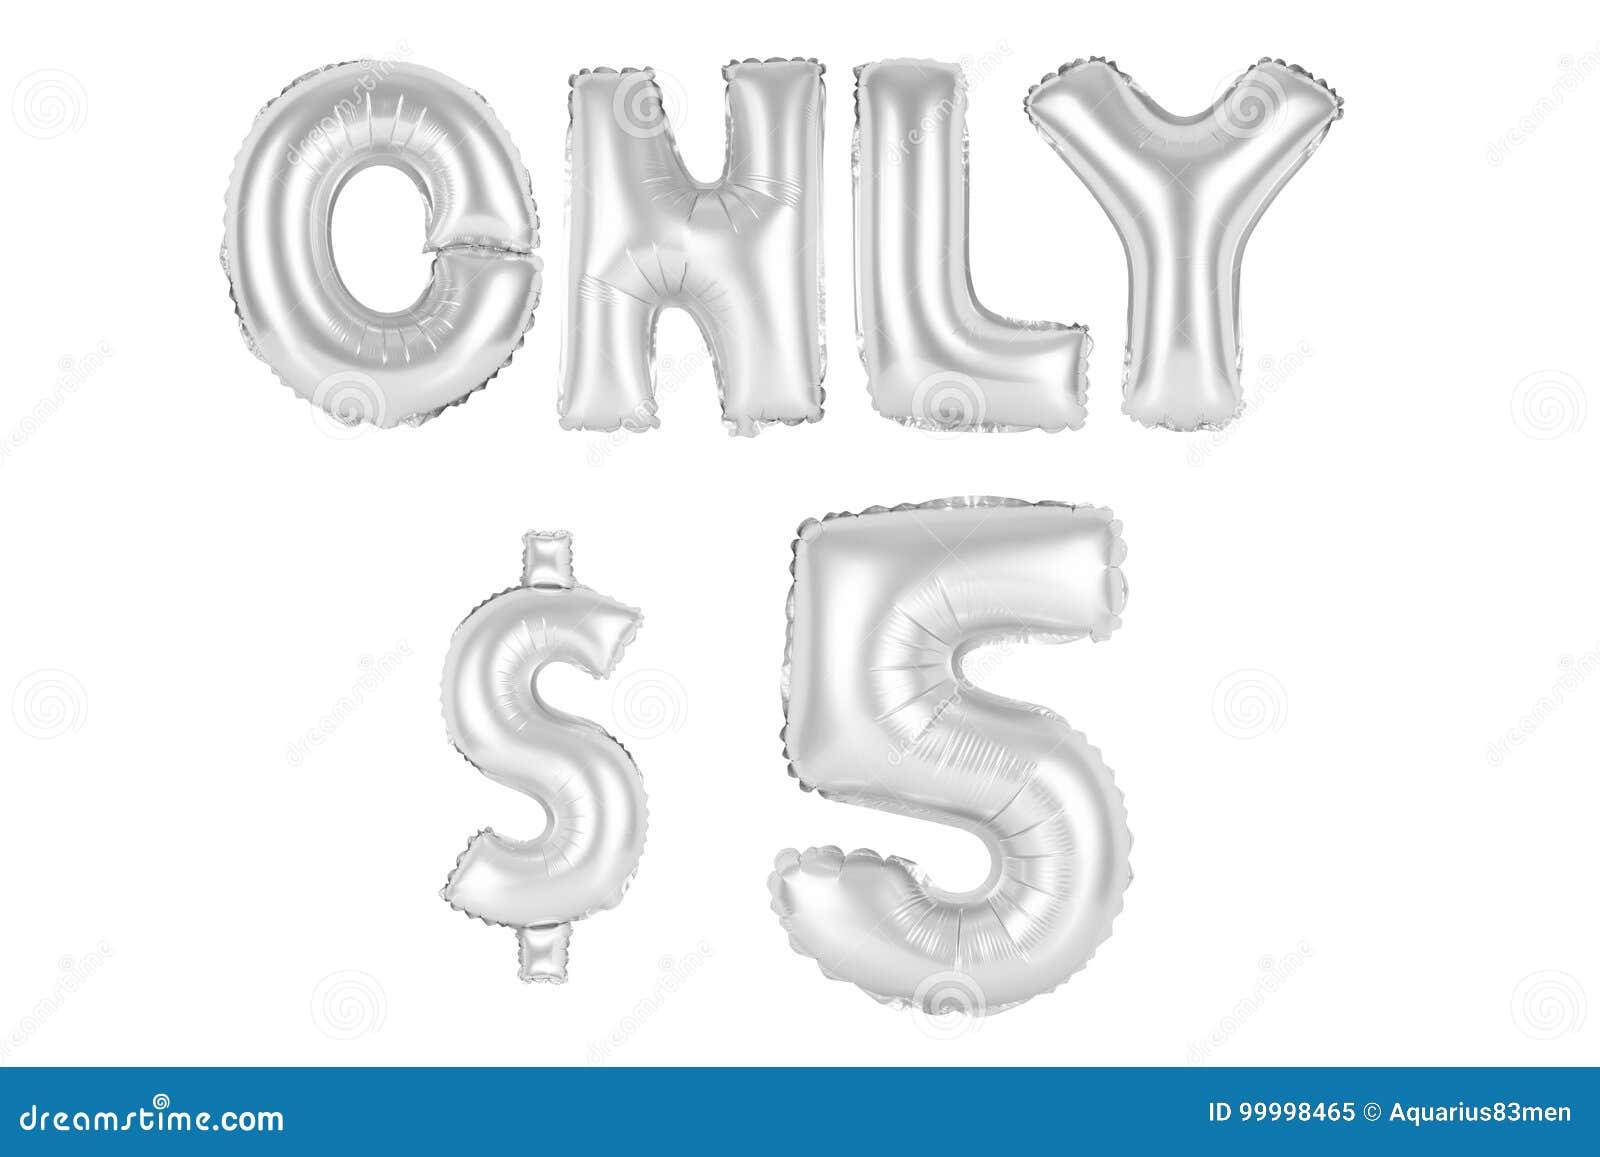 Slechts vijf dollars, verchromen grijze kleur